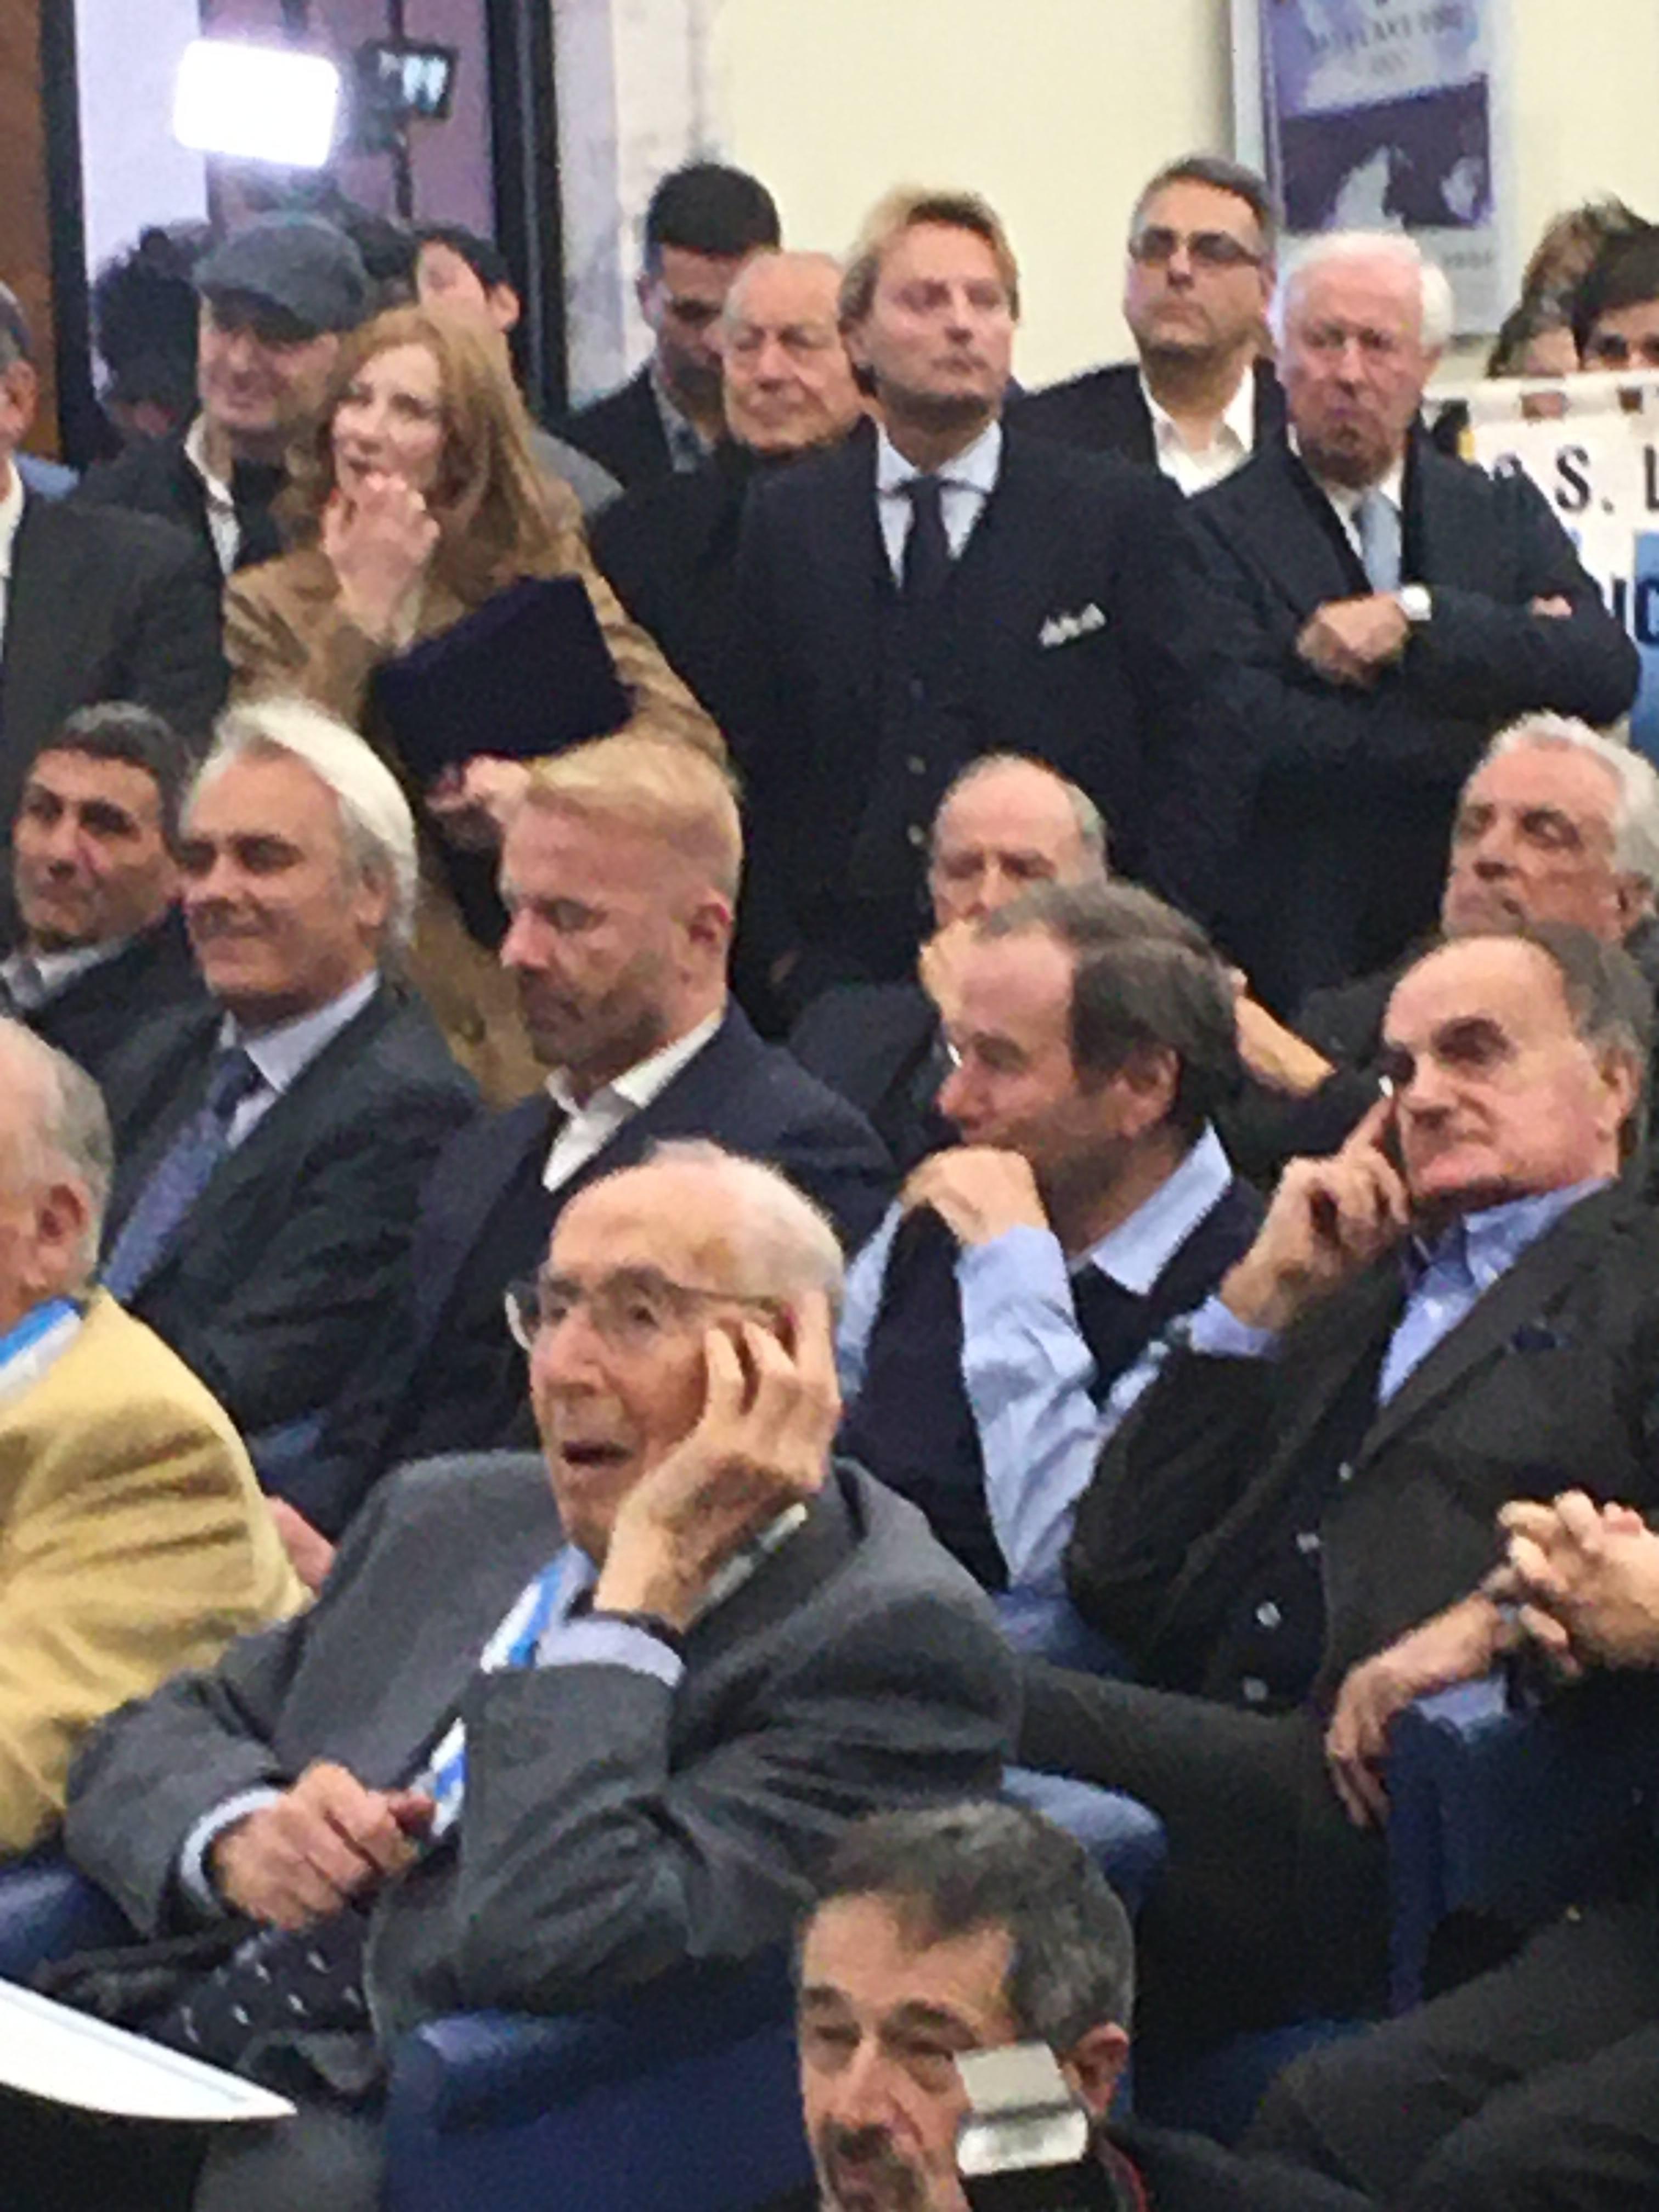 Scorcio della sala del Coni: si notano Wilson, Oddi, Tare, Giordano, De Martino